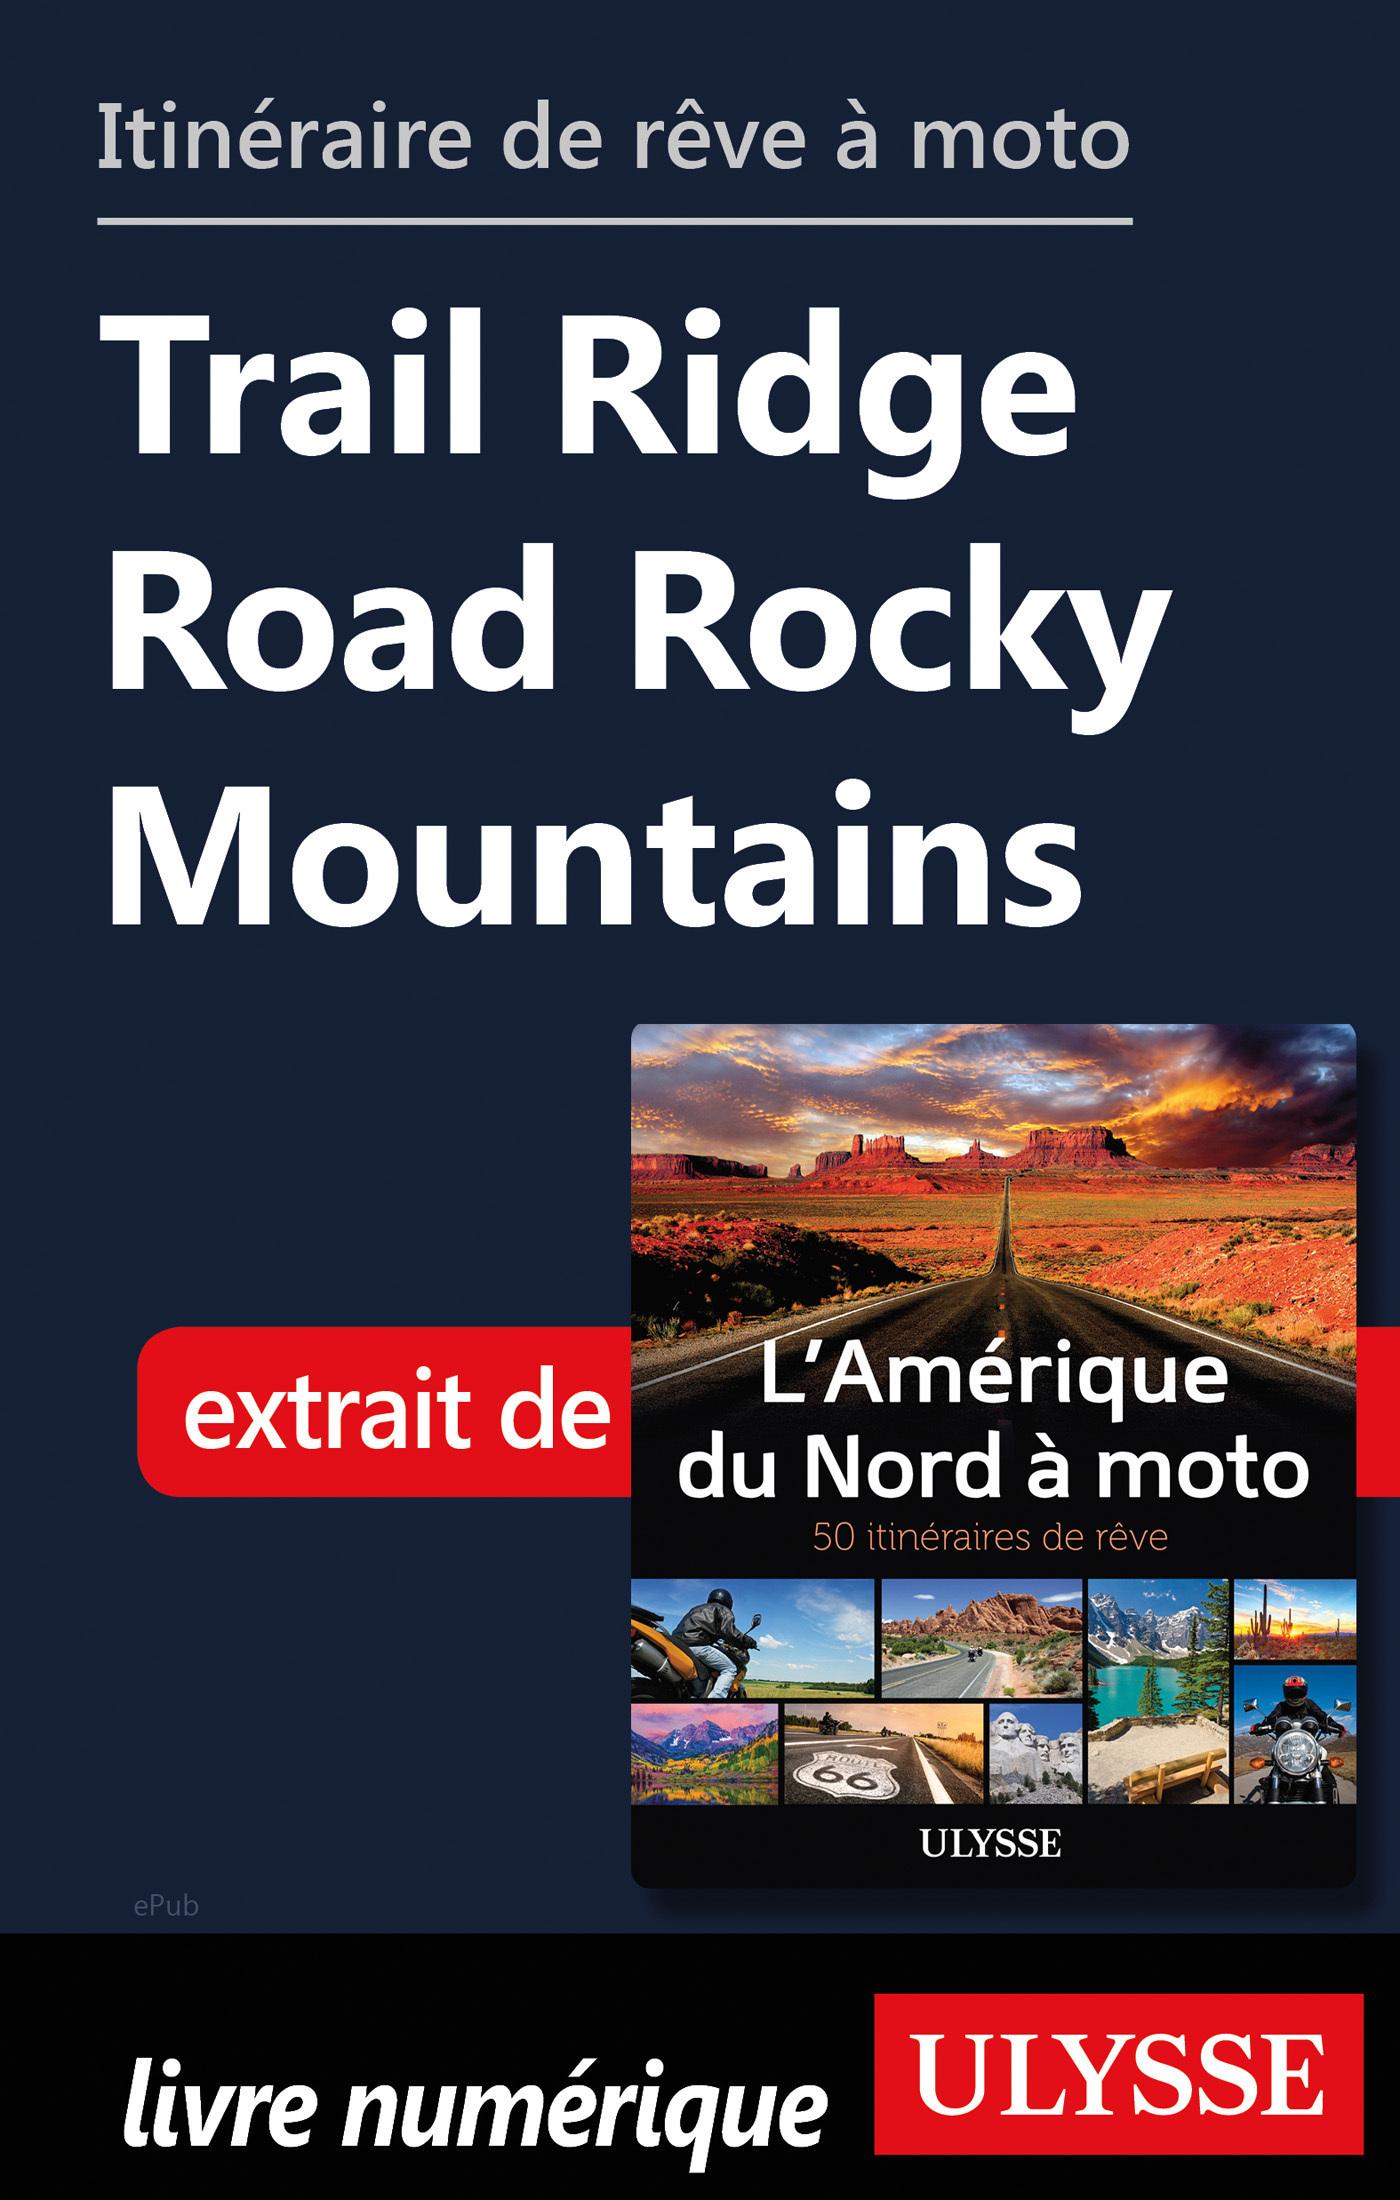 Itinéraire de rêve à moto - Trail Ridge Road Rocky Mountains